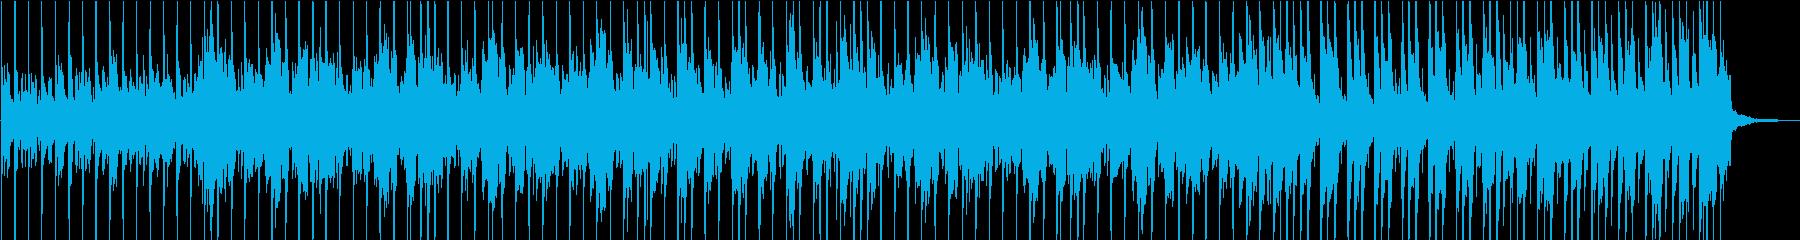 夏休み/ウクレレ/海/うきうき/楽しいの再生済みの波形